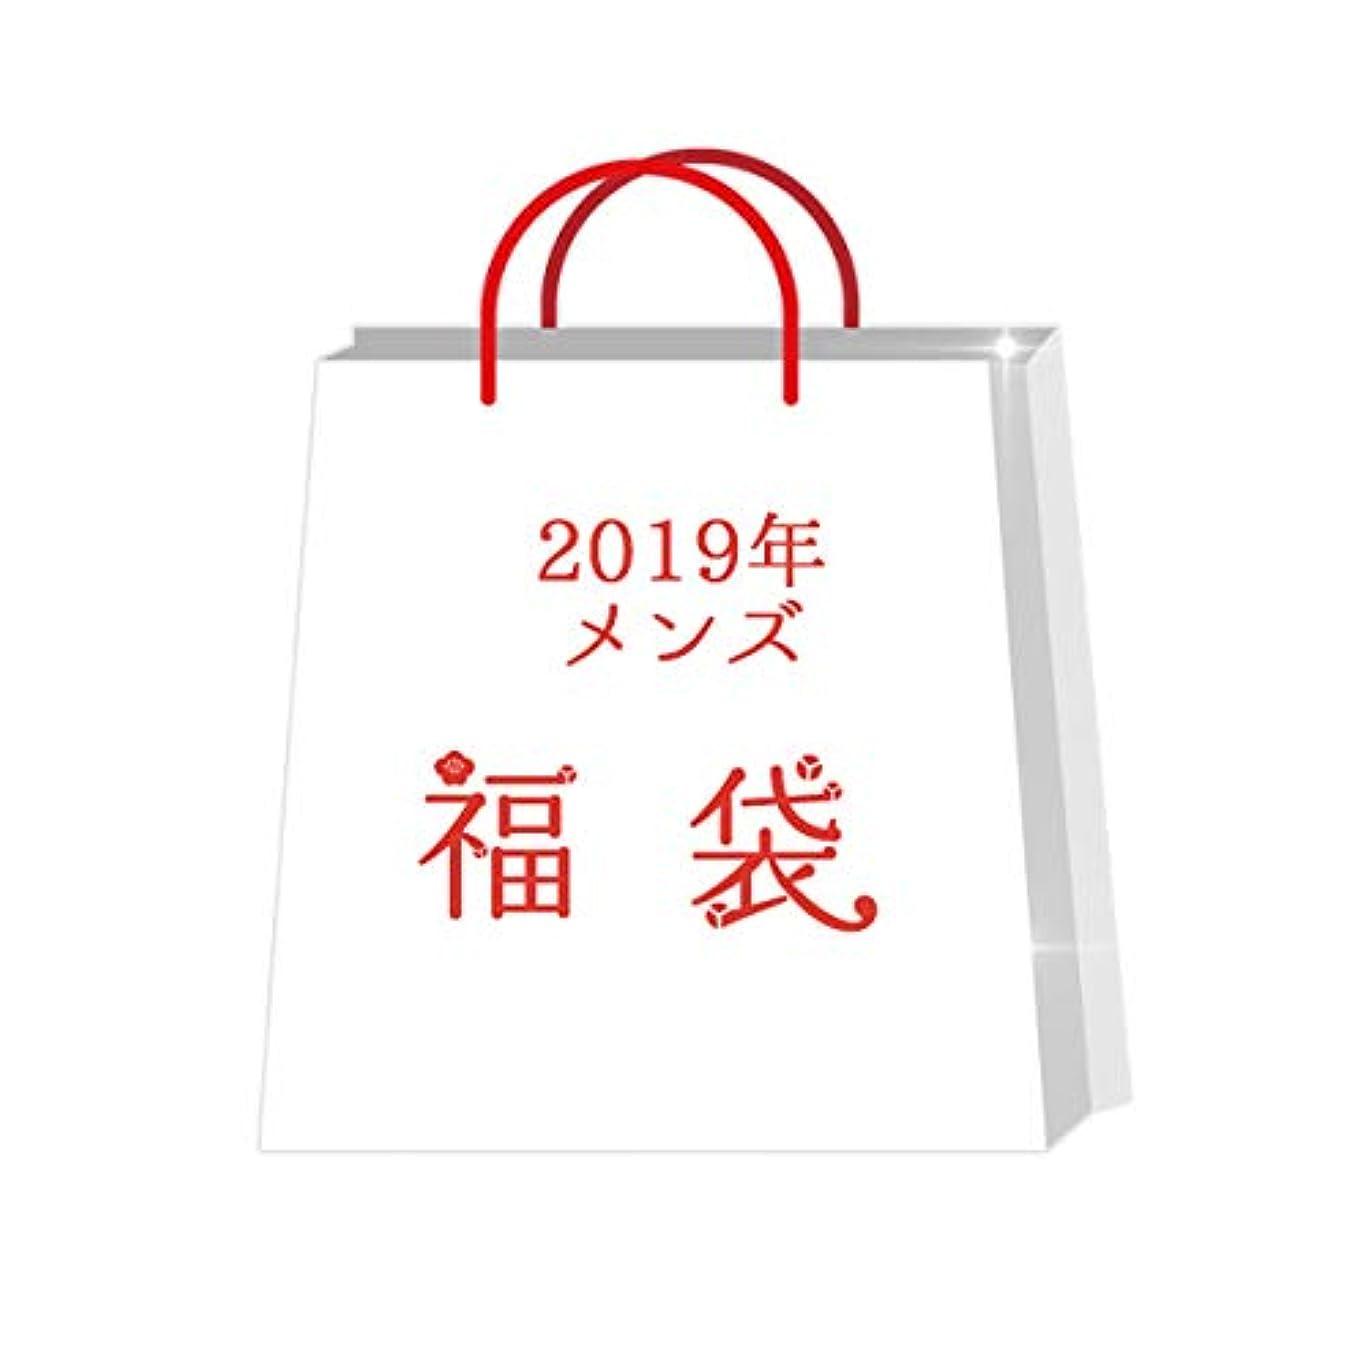 バラバラにする誕生日抑制2019年福袋 ◆ 運だめし福袋! 1000円ぽっきり メンズ 福袋!